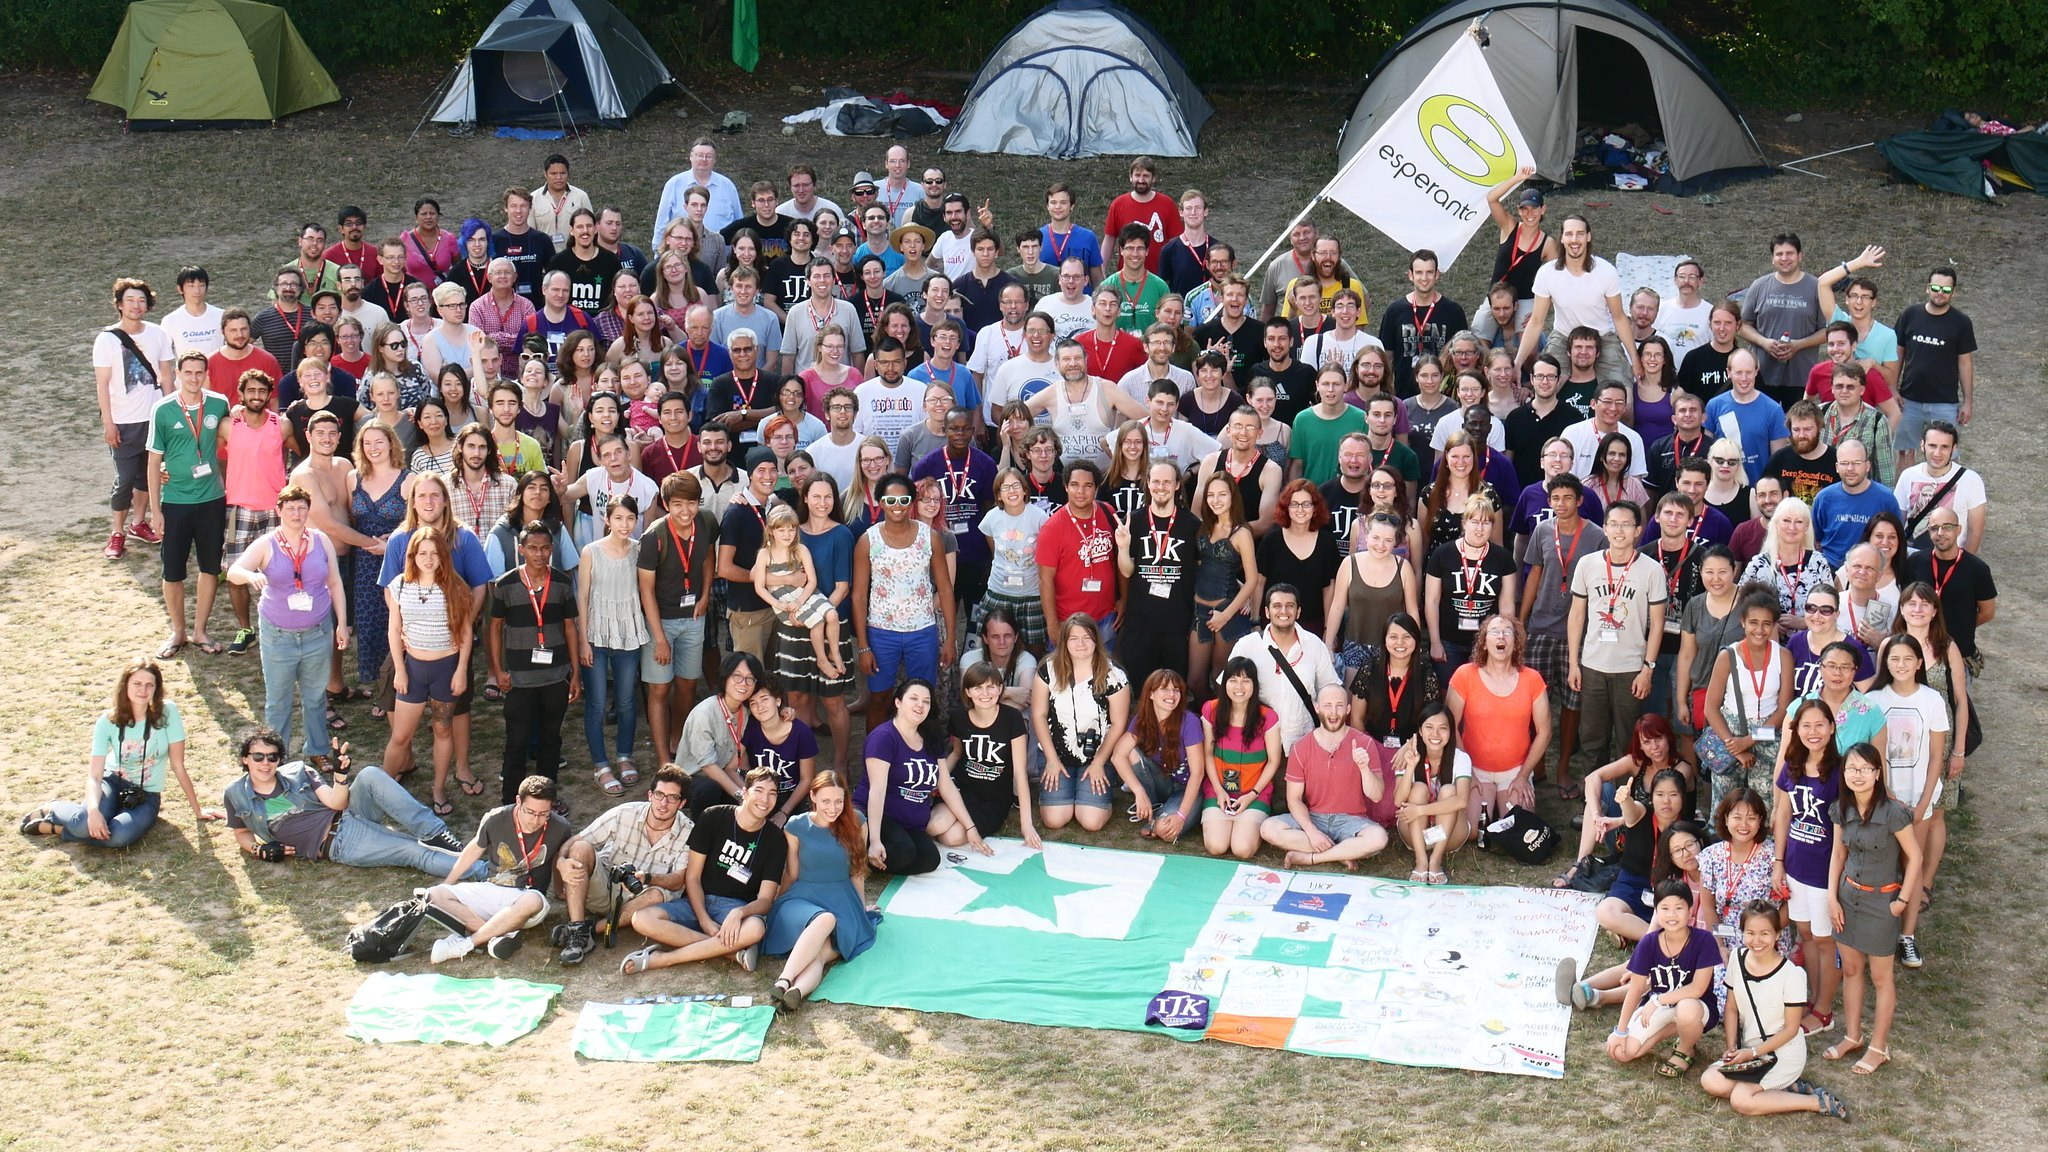 国際青年エスペラント大会